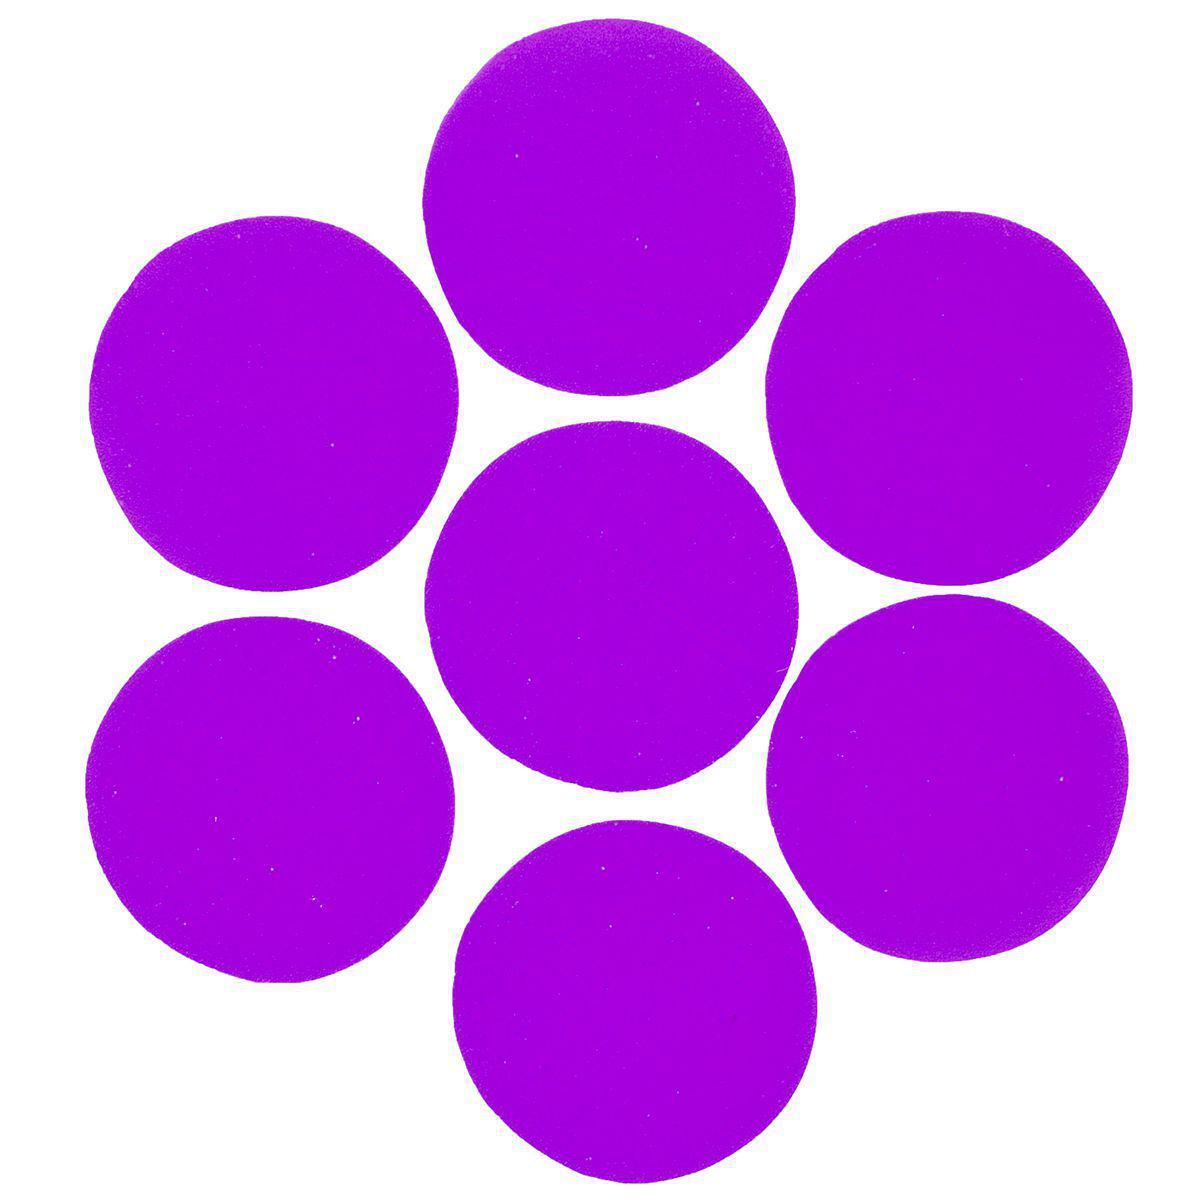 Конфетти кружочки фиолетовые 23мм